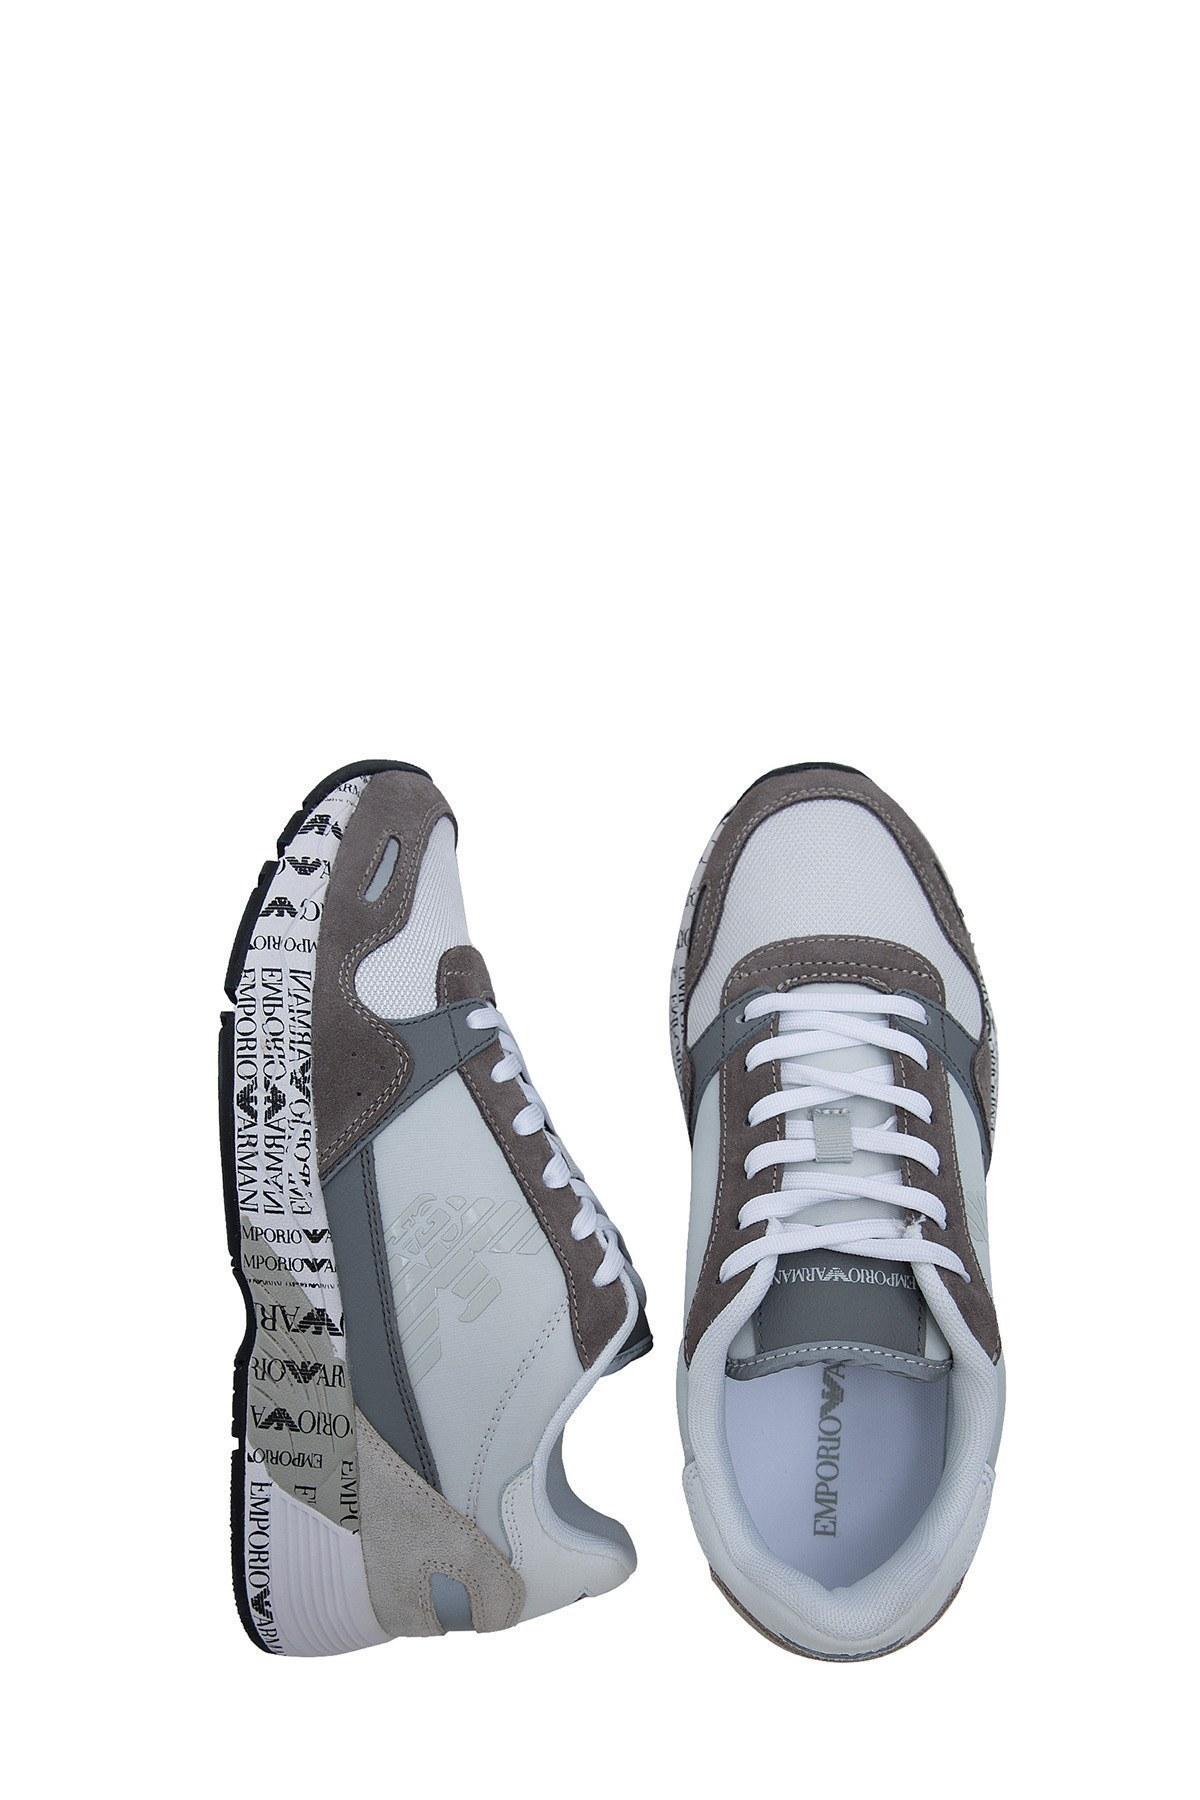 Emporio Armani Erkek Ayakkabı X4X292 XM241 P960 AÇIK GRİ